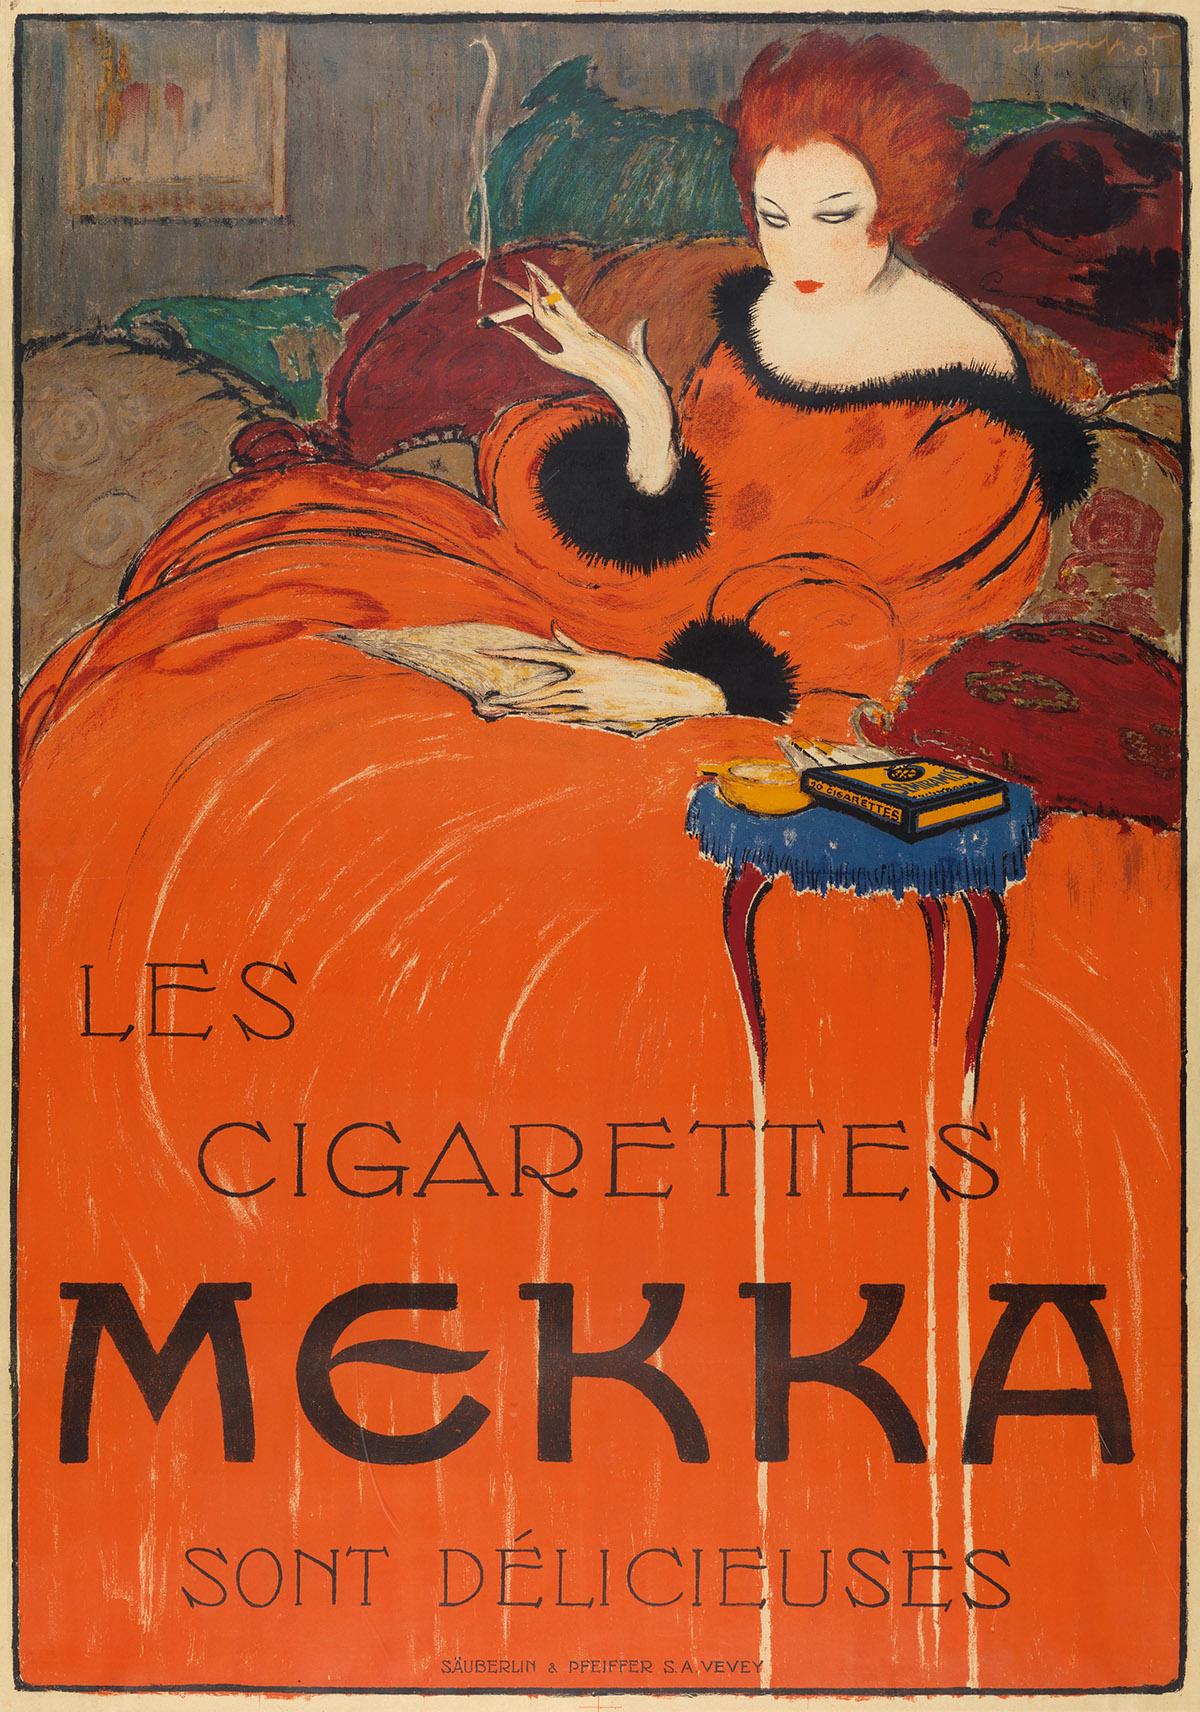 CHARLES-LOUPOT-(1892-1962)-LES-CIGARETTES-MEKKA-1919-50x35-i